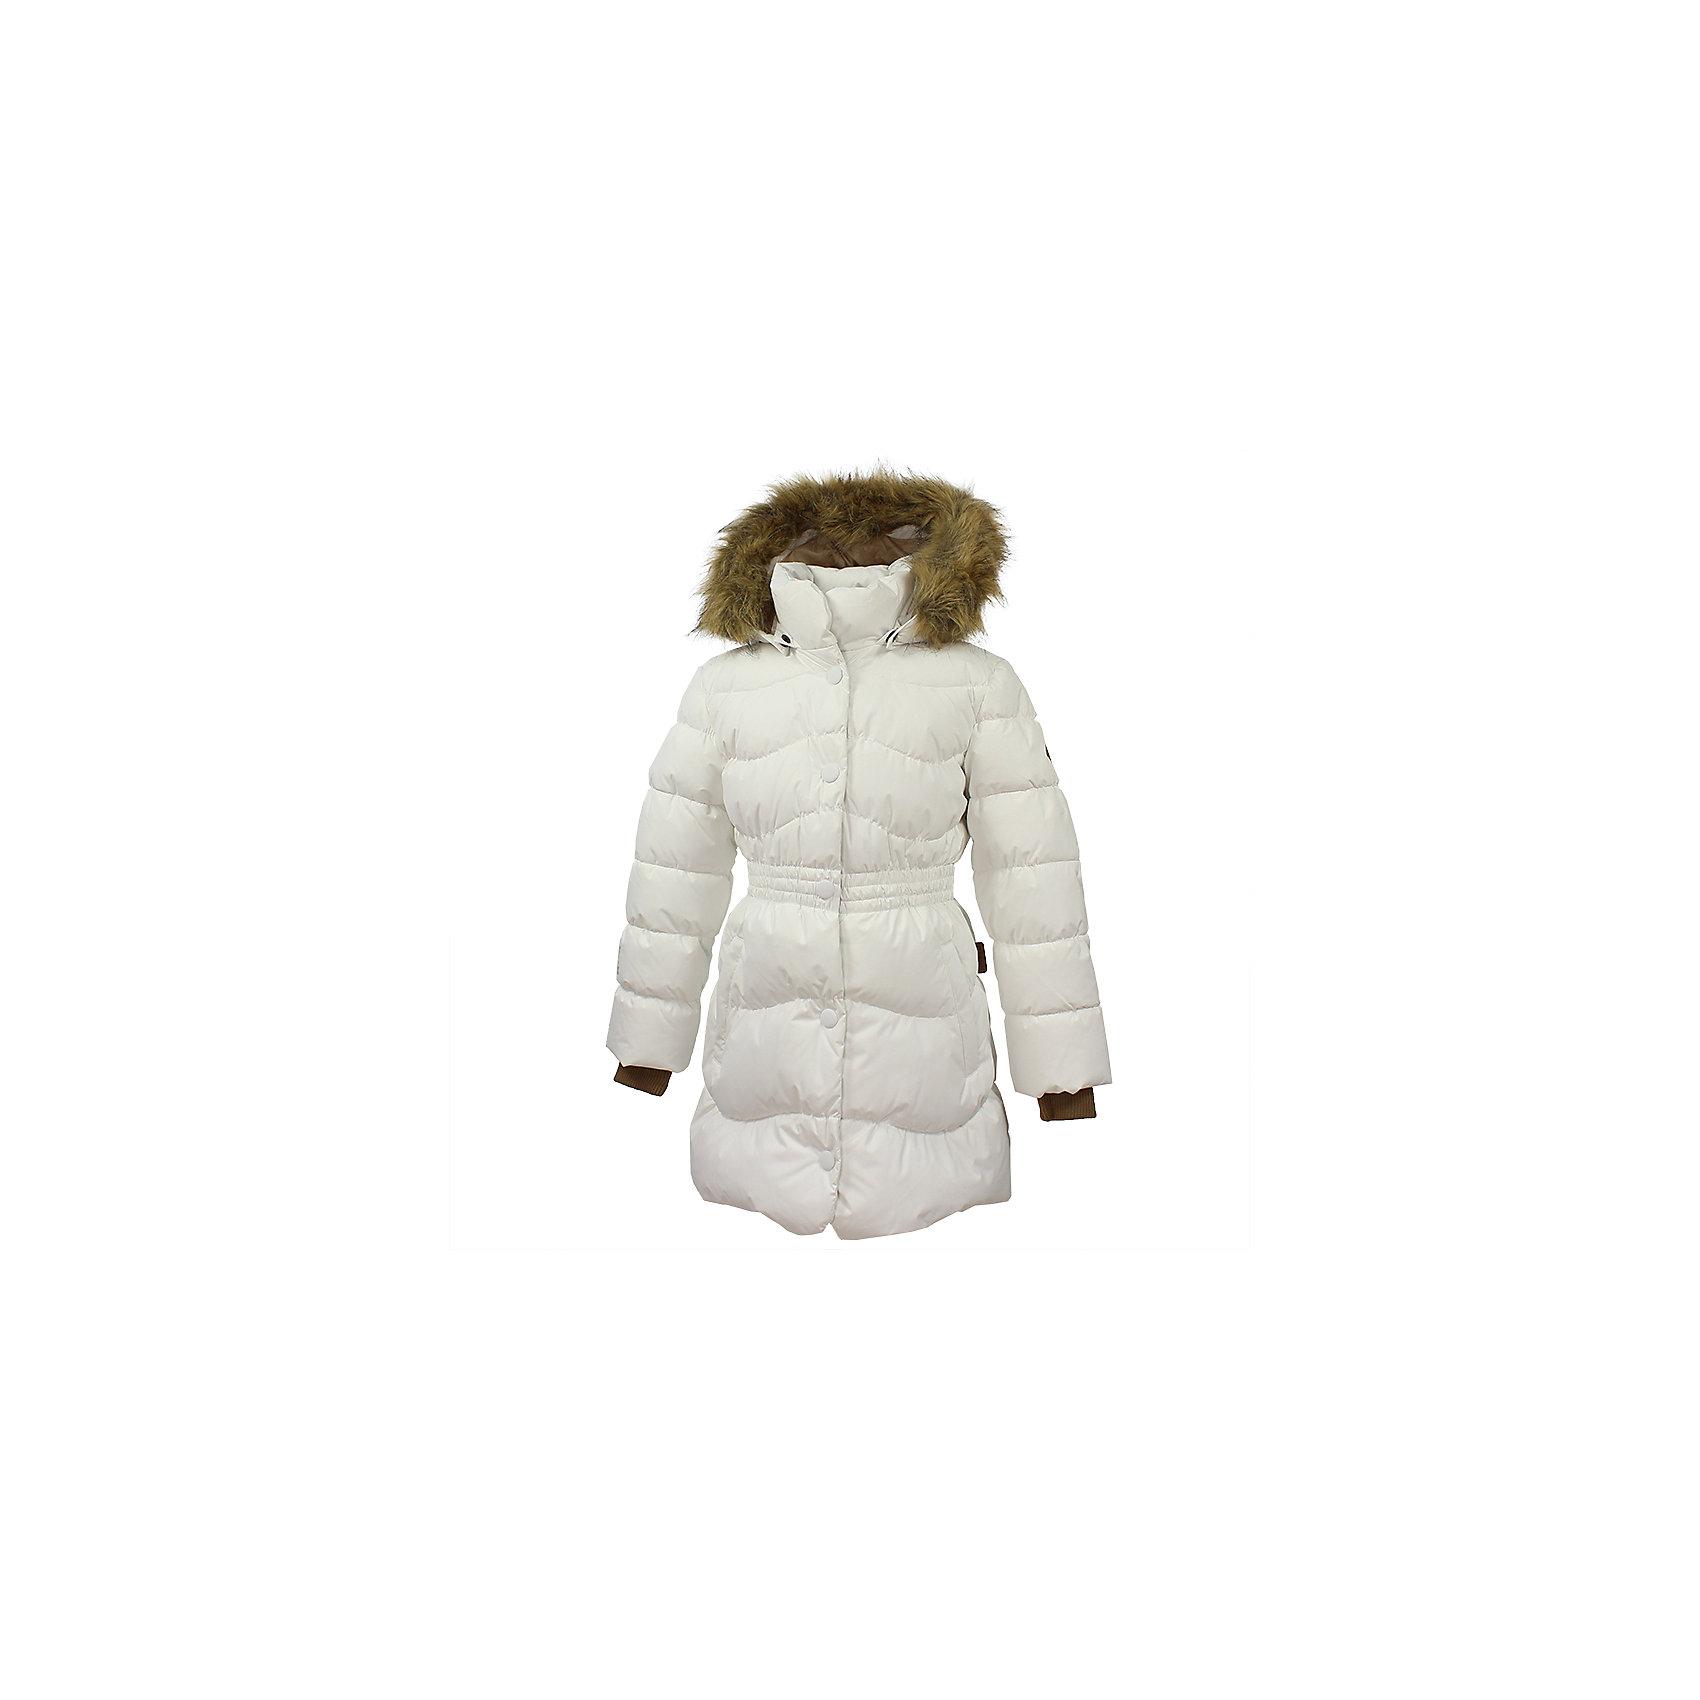 Пальто GRACE 1 Huppa для девочкиЗимние куртки<br>Характеристики товара:<br><br>• модель: Grace 1;<br>• цвет: белый;<br>• пол: девочка;<br>• состав: 100% полиэстер;<br>• утеплитель: 50% пух, 50% перо.;<br>• подкладка: тафта,полиэстер;<br>• сезон: зима;<br>• температурный режим: от - 5 до - 30С;<br>• водонепроницаемость: 5000 мм;<br>• воздухопроницаемость: 5000 г/м2/24ч;<br>• влагоустойчивая и дышащая ткань верхнего слоя изделияпозволяет сохранить внутри собственное тепло ребенка и препятствует попаданию извне холодного воздуха;<br>• воротник-стойка застегивается на застежку-молнию и кнопки;<br>• безопасный капюшон при необходимости, отстегивается;<br>• мех на капюшоне съемный;<br>• низ рукавов дополнен эластичными манжетами;<br>• карманы на молнии;<br>• светоотражающие детали для безопасности ребенка;<br>• страна бренда: Финляндия;<br>• страна изготовитель: Эстония.<br><br>Стильное пальто Grace 1 для девочки бренда Huppa идеально подойдет для ребенка в прохладное время года. Модель изготовлена из полиэстера.Подкладка —  тафта,полиэстер.<br> <br>Пальто с капюшоном и небольшим воротником-стойкой застегивается на застежку-молнию и кнопки. Капюшон оформлен съемным мехом. Низ рукавов дополнен эластичными манжетами, не стягивающими запястья. Карманы на молнии надежно сохранят все сокровища. Такое стильное пальто станет прекрасным дополнением гардеробу вашей девочки, оно подарит комфорт и тепло.<br><br>Вы можете приобрести стильное пальто Grace 1 для девочки бренда Huppa(Хуппа) в нашем интернет-магазине.<br><br>Ширина мм: 356<br>Глубина мм: 10<br>Высота мм: 245<br>Вес г: 519<br>Цвет: белый<br>Возраст от месяцев: 108<br>Возраст до месяцев: 120<br>Пол: Женский<br>Возраст: Детский<br>Размер: 140,104,110,116,122,128,134<br>SKU: 7025227